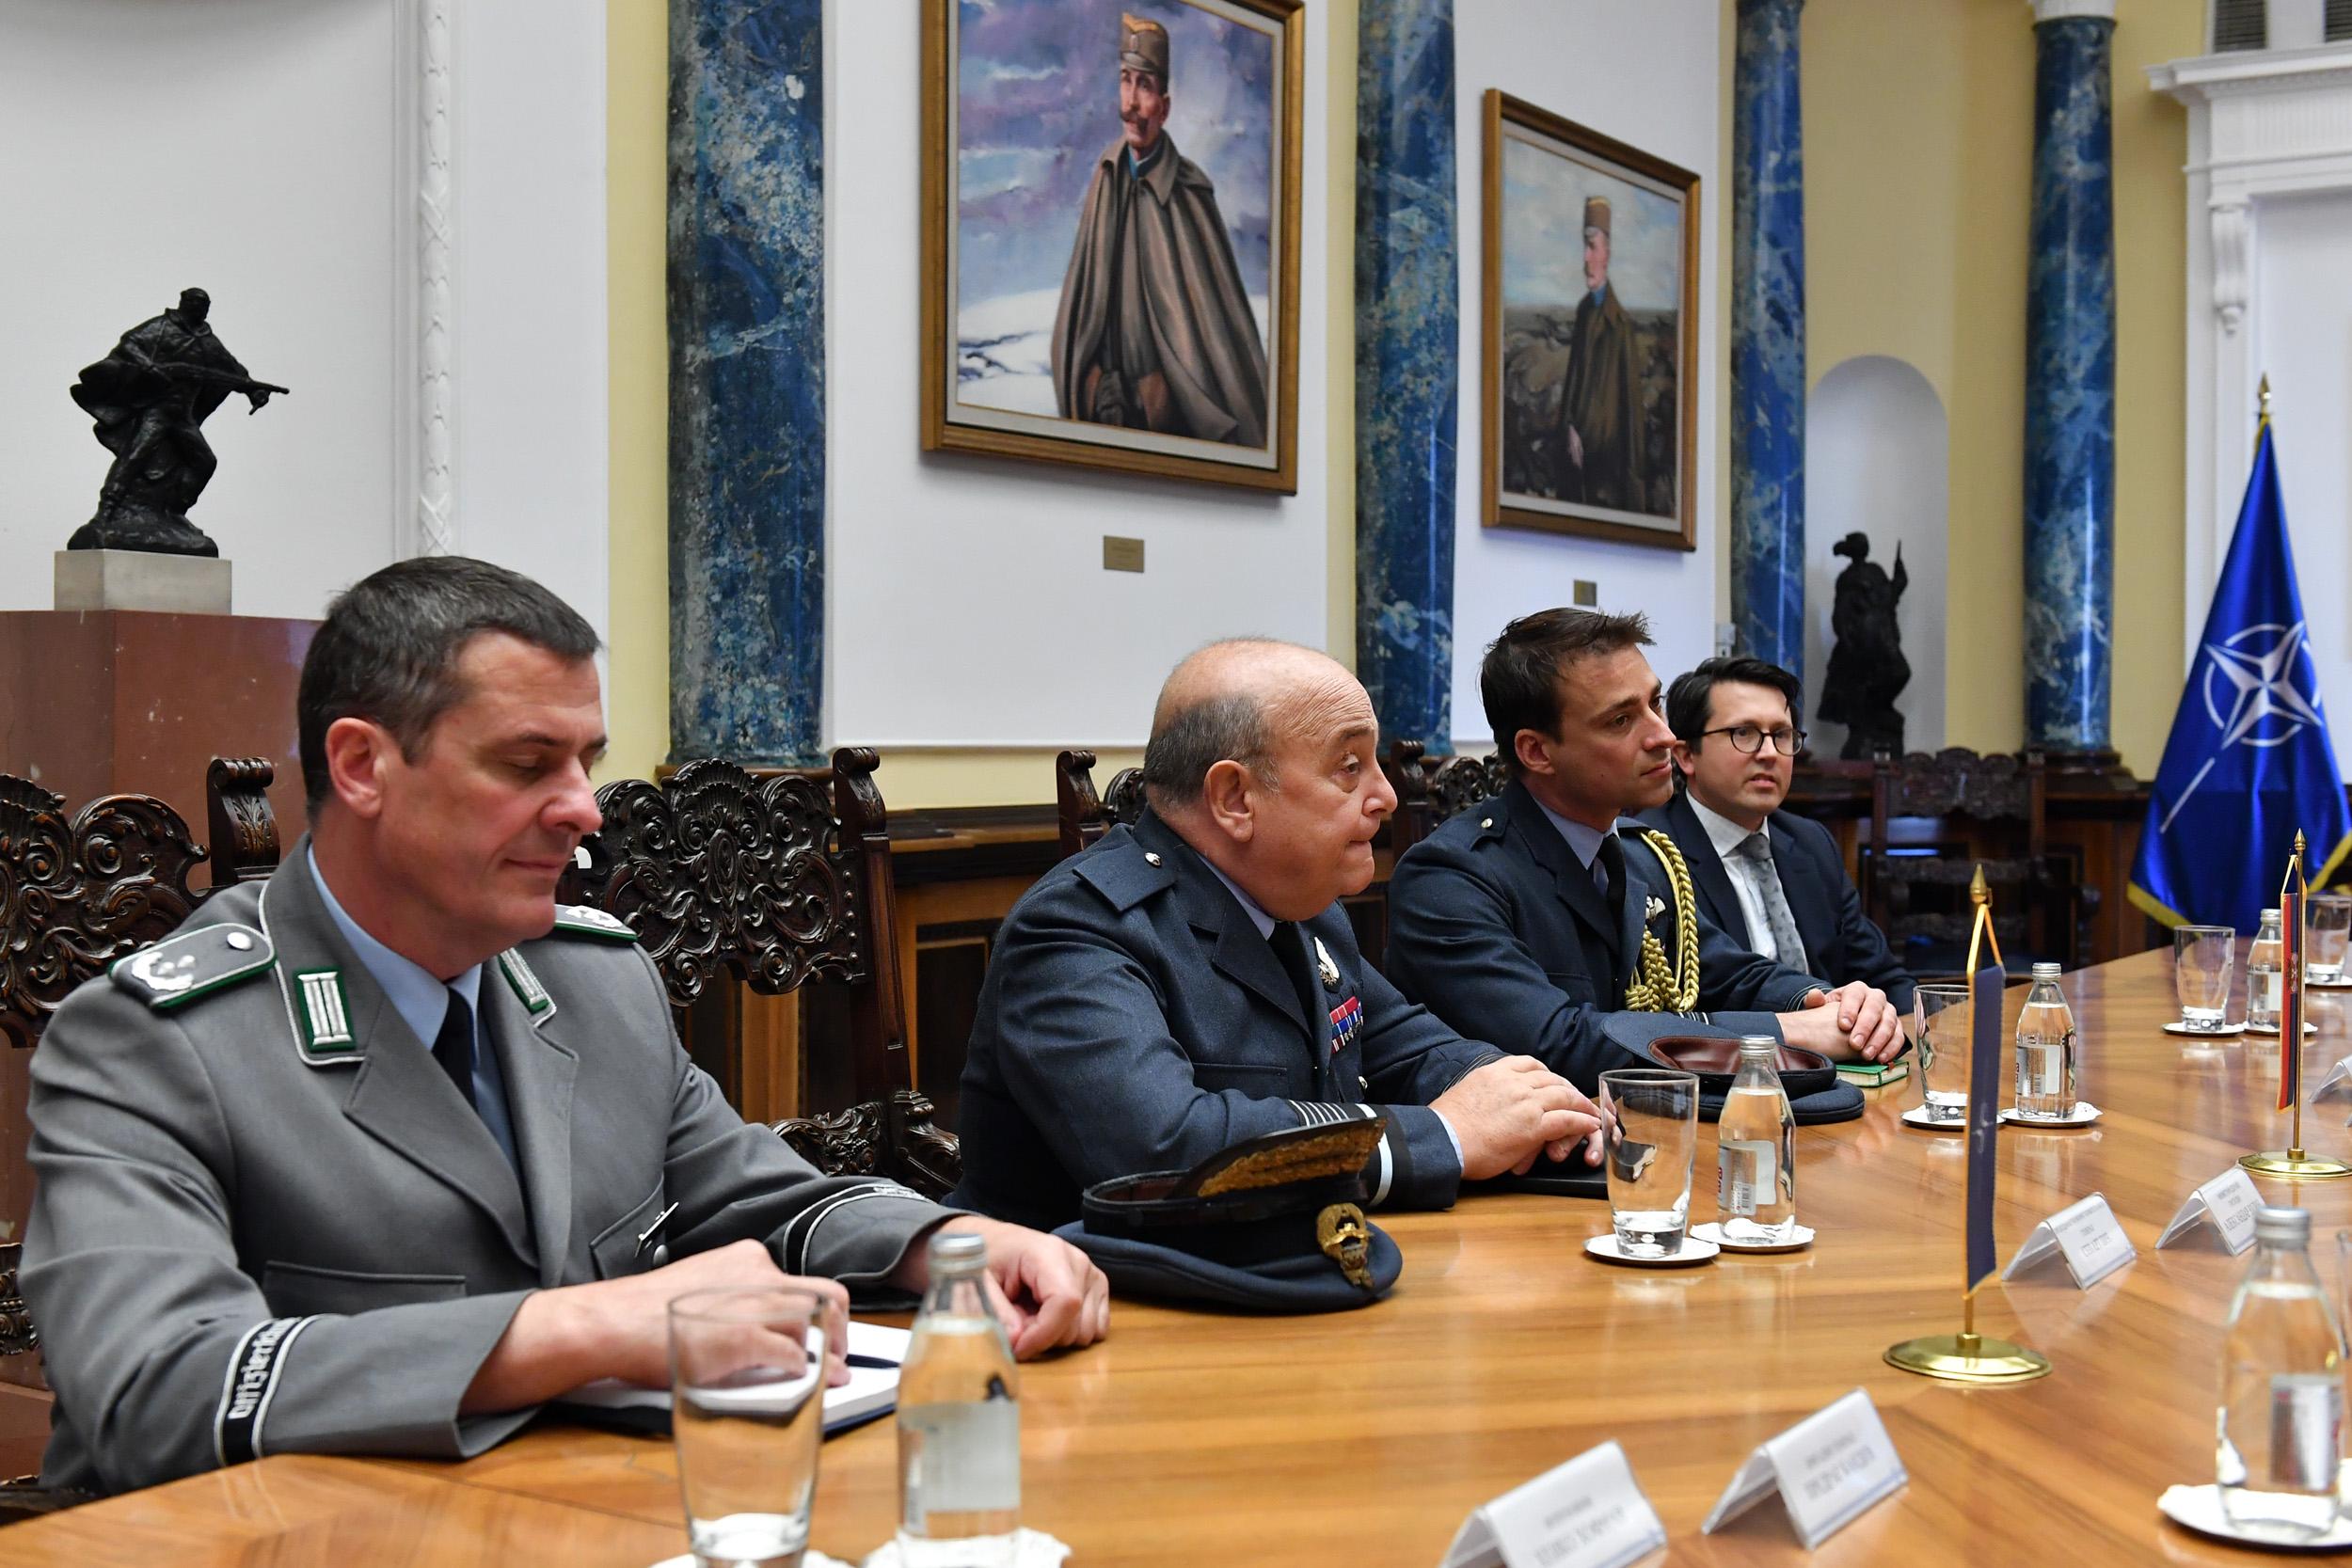 Predsedavajući Vojnog komiteta NATO general Stjuart Pič sa svojom delegacijom na sastanku sa delegacijom Ministarstva odbrane, Beograd, 08. oktobar 2018. (Foto: Ministarstvo odbrane Republike Srbije)